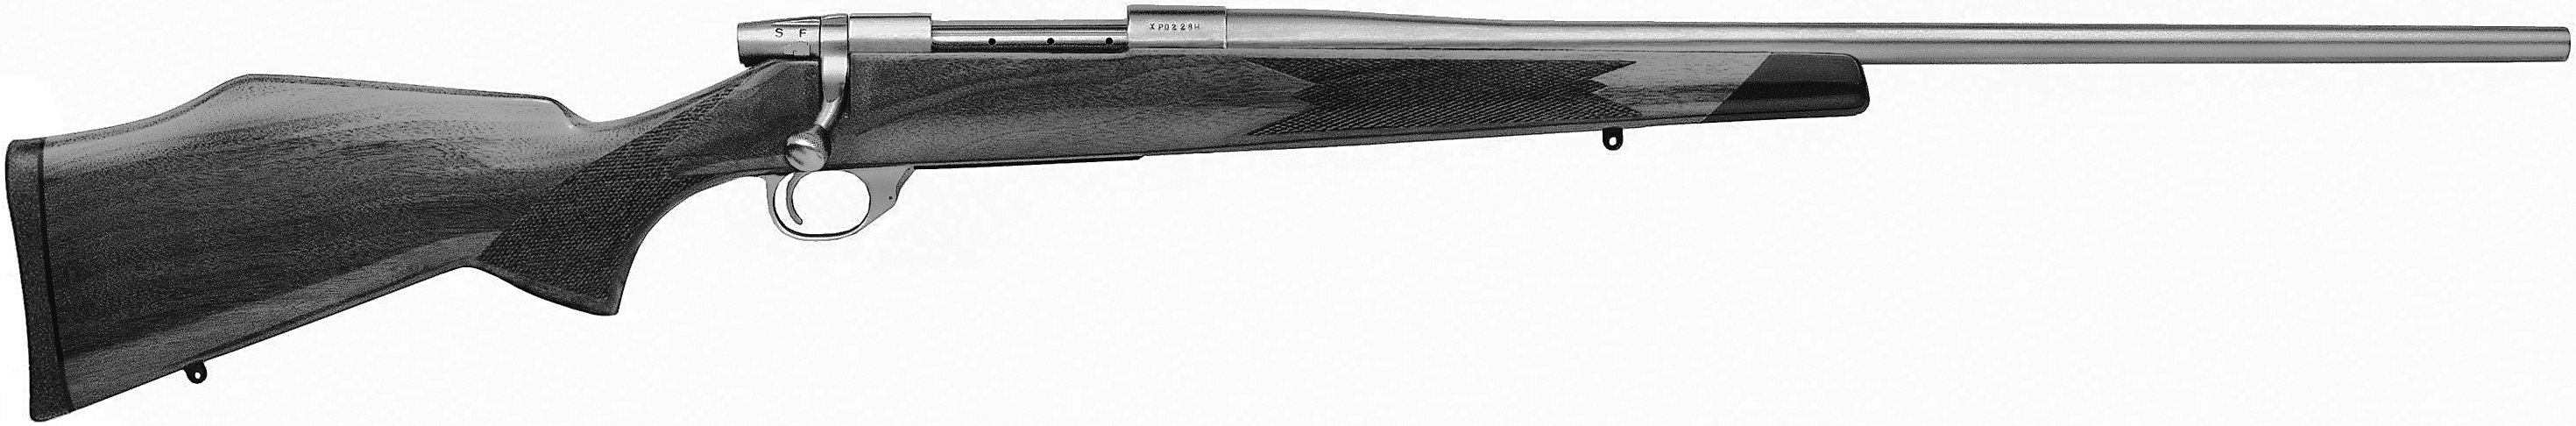 Vanguard Sporter SS